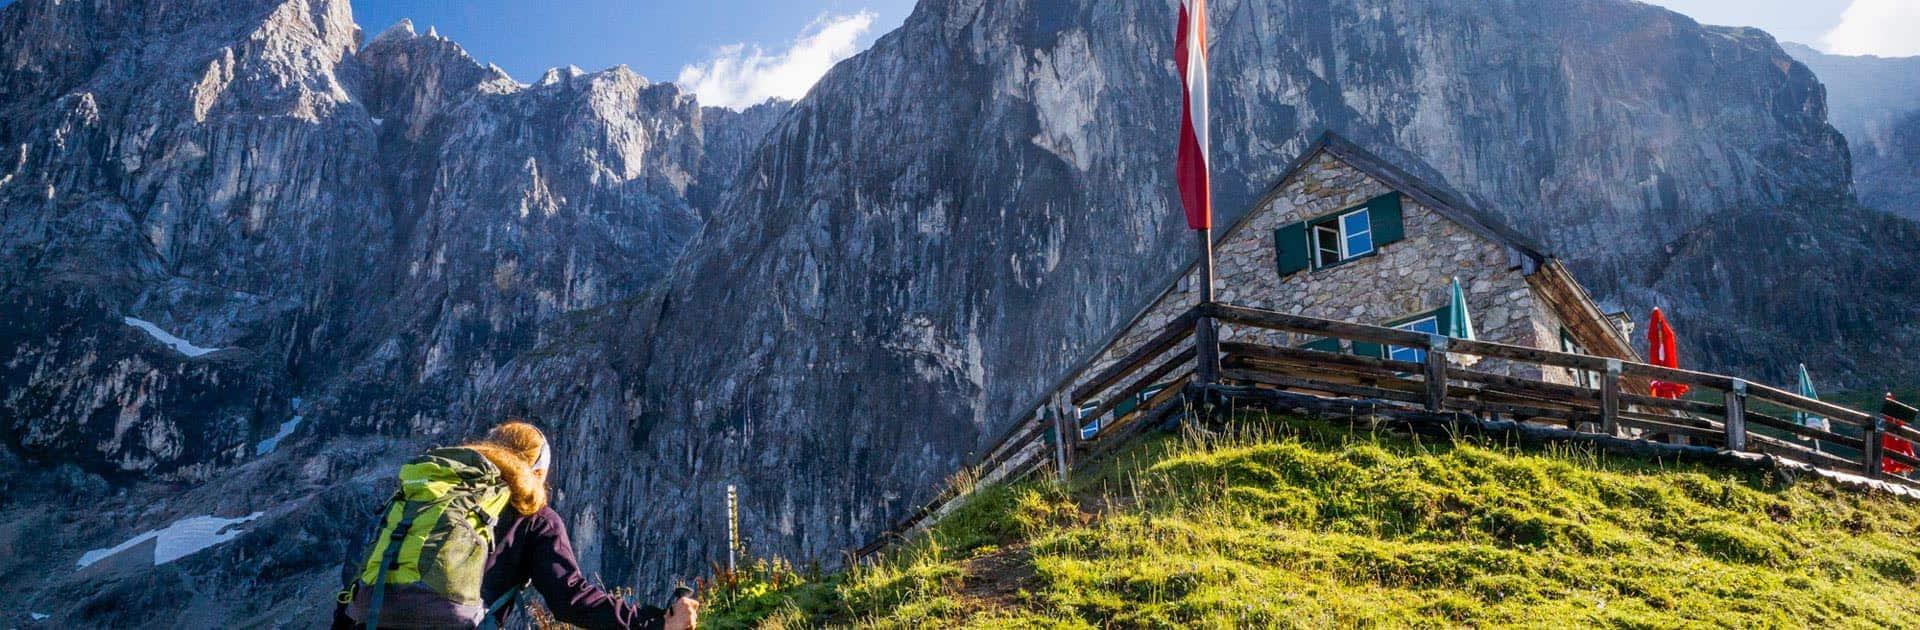 Wanderung zur Südwandhütte in Ramsau am Dachstein